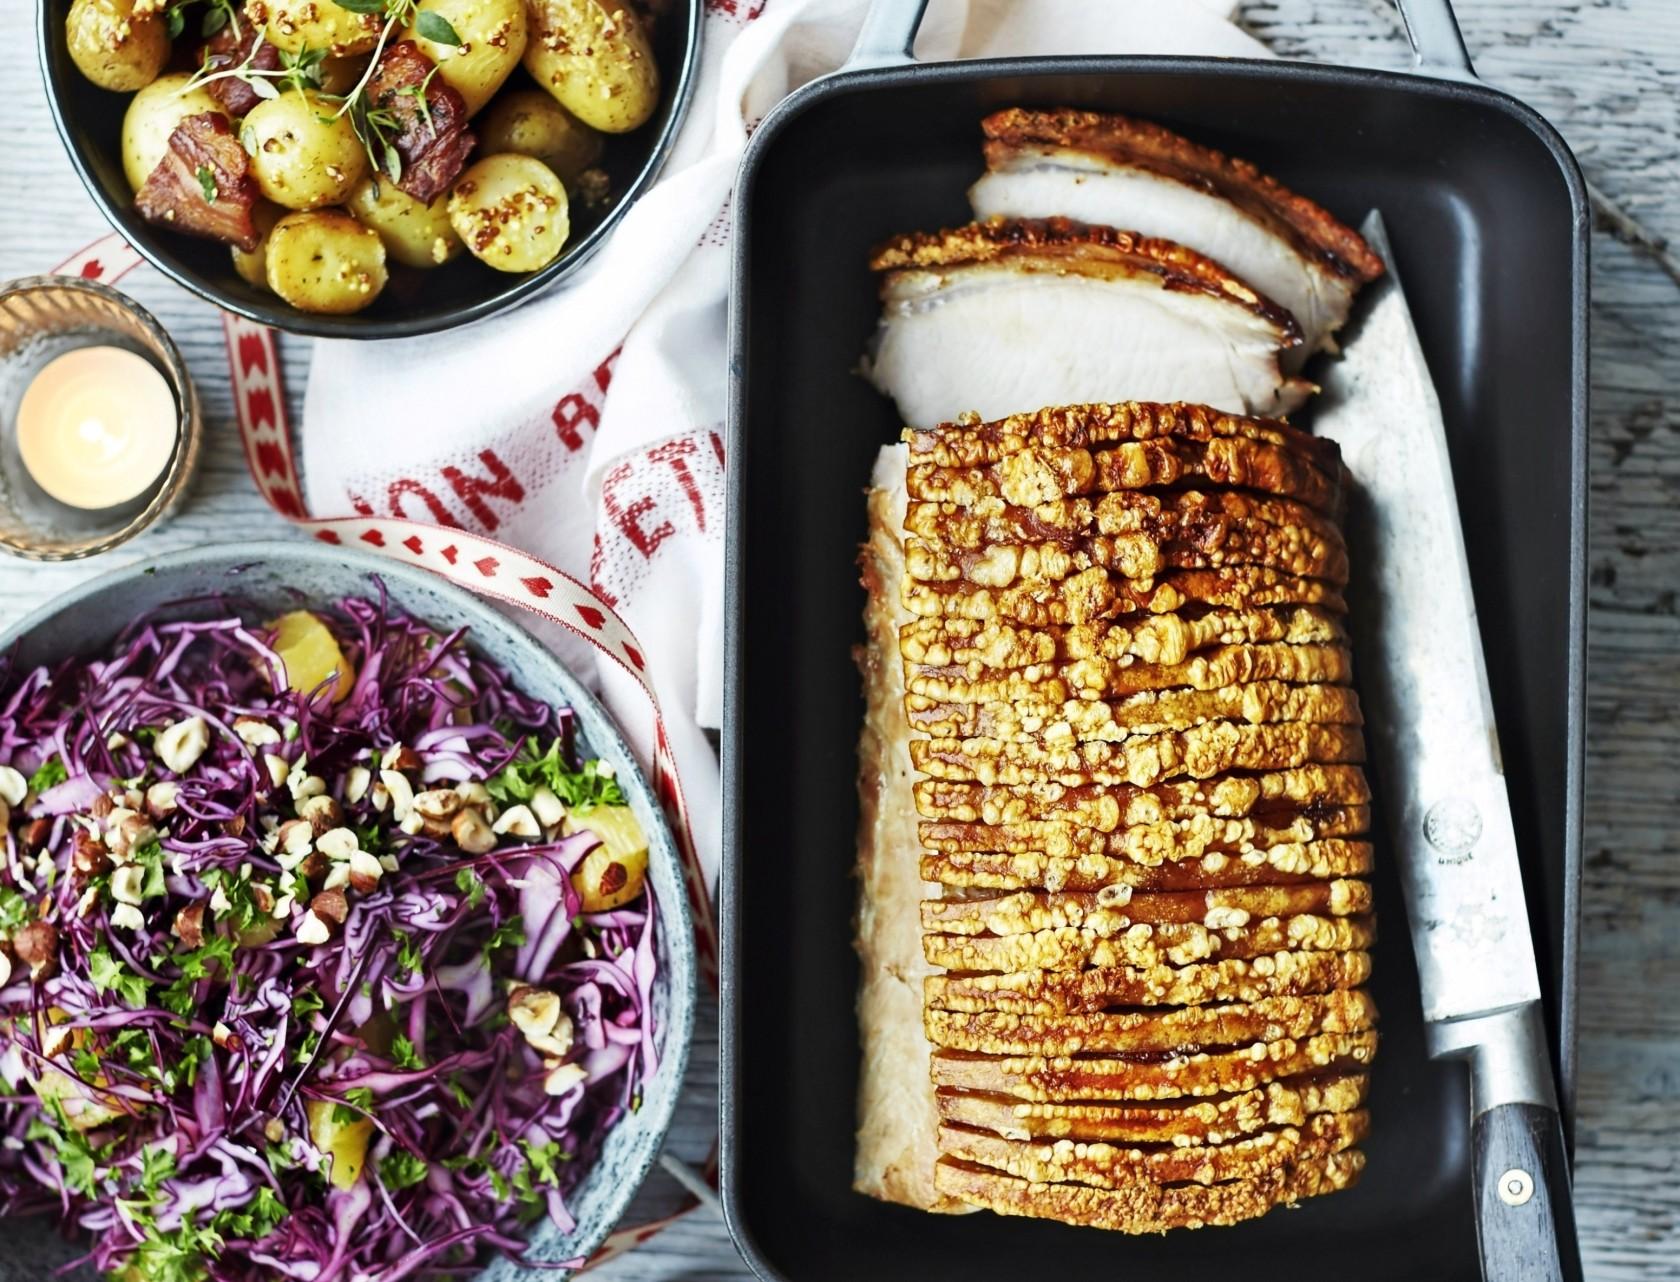 Flæskesteg med bacon-kartofler og rødkålssalat - det er jul på et helt nyt niveau!